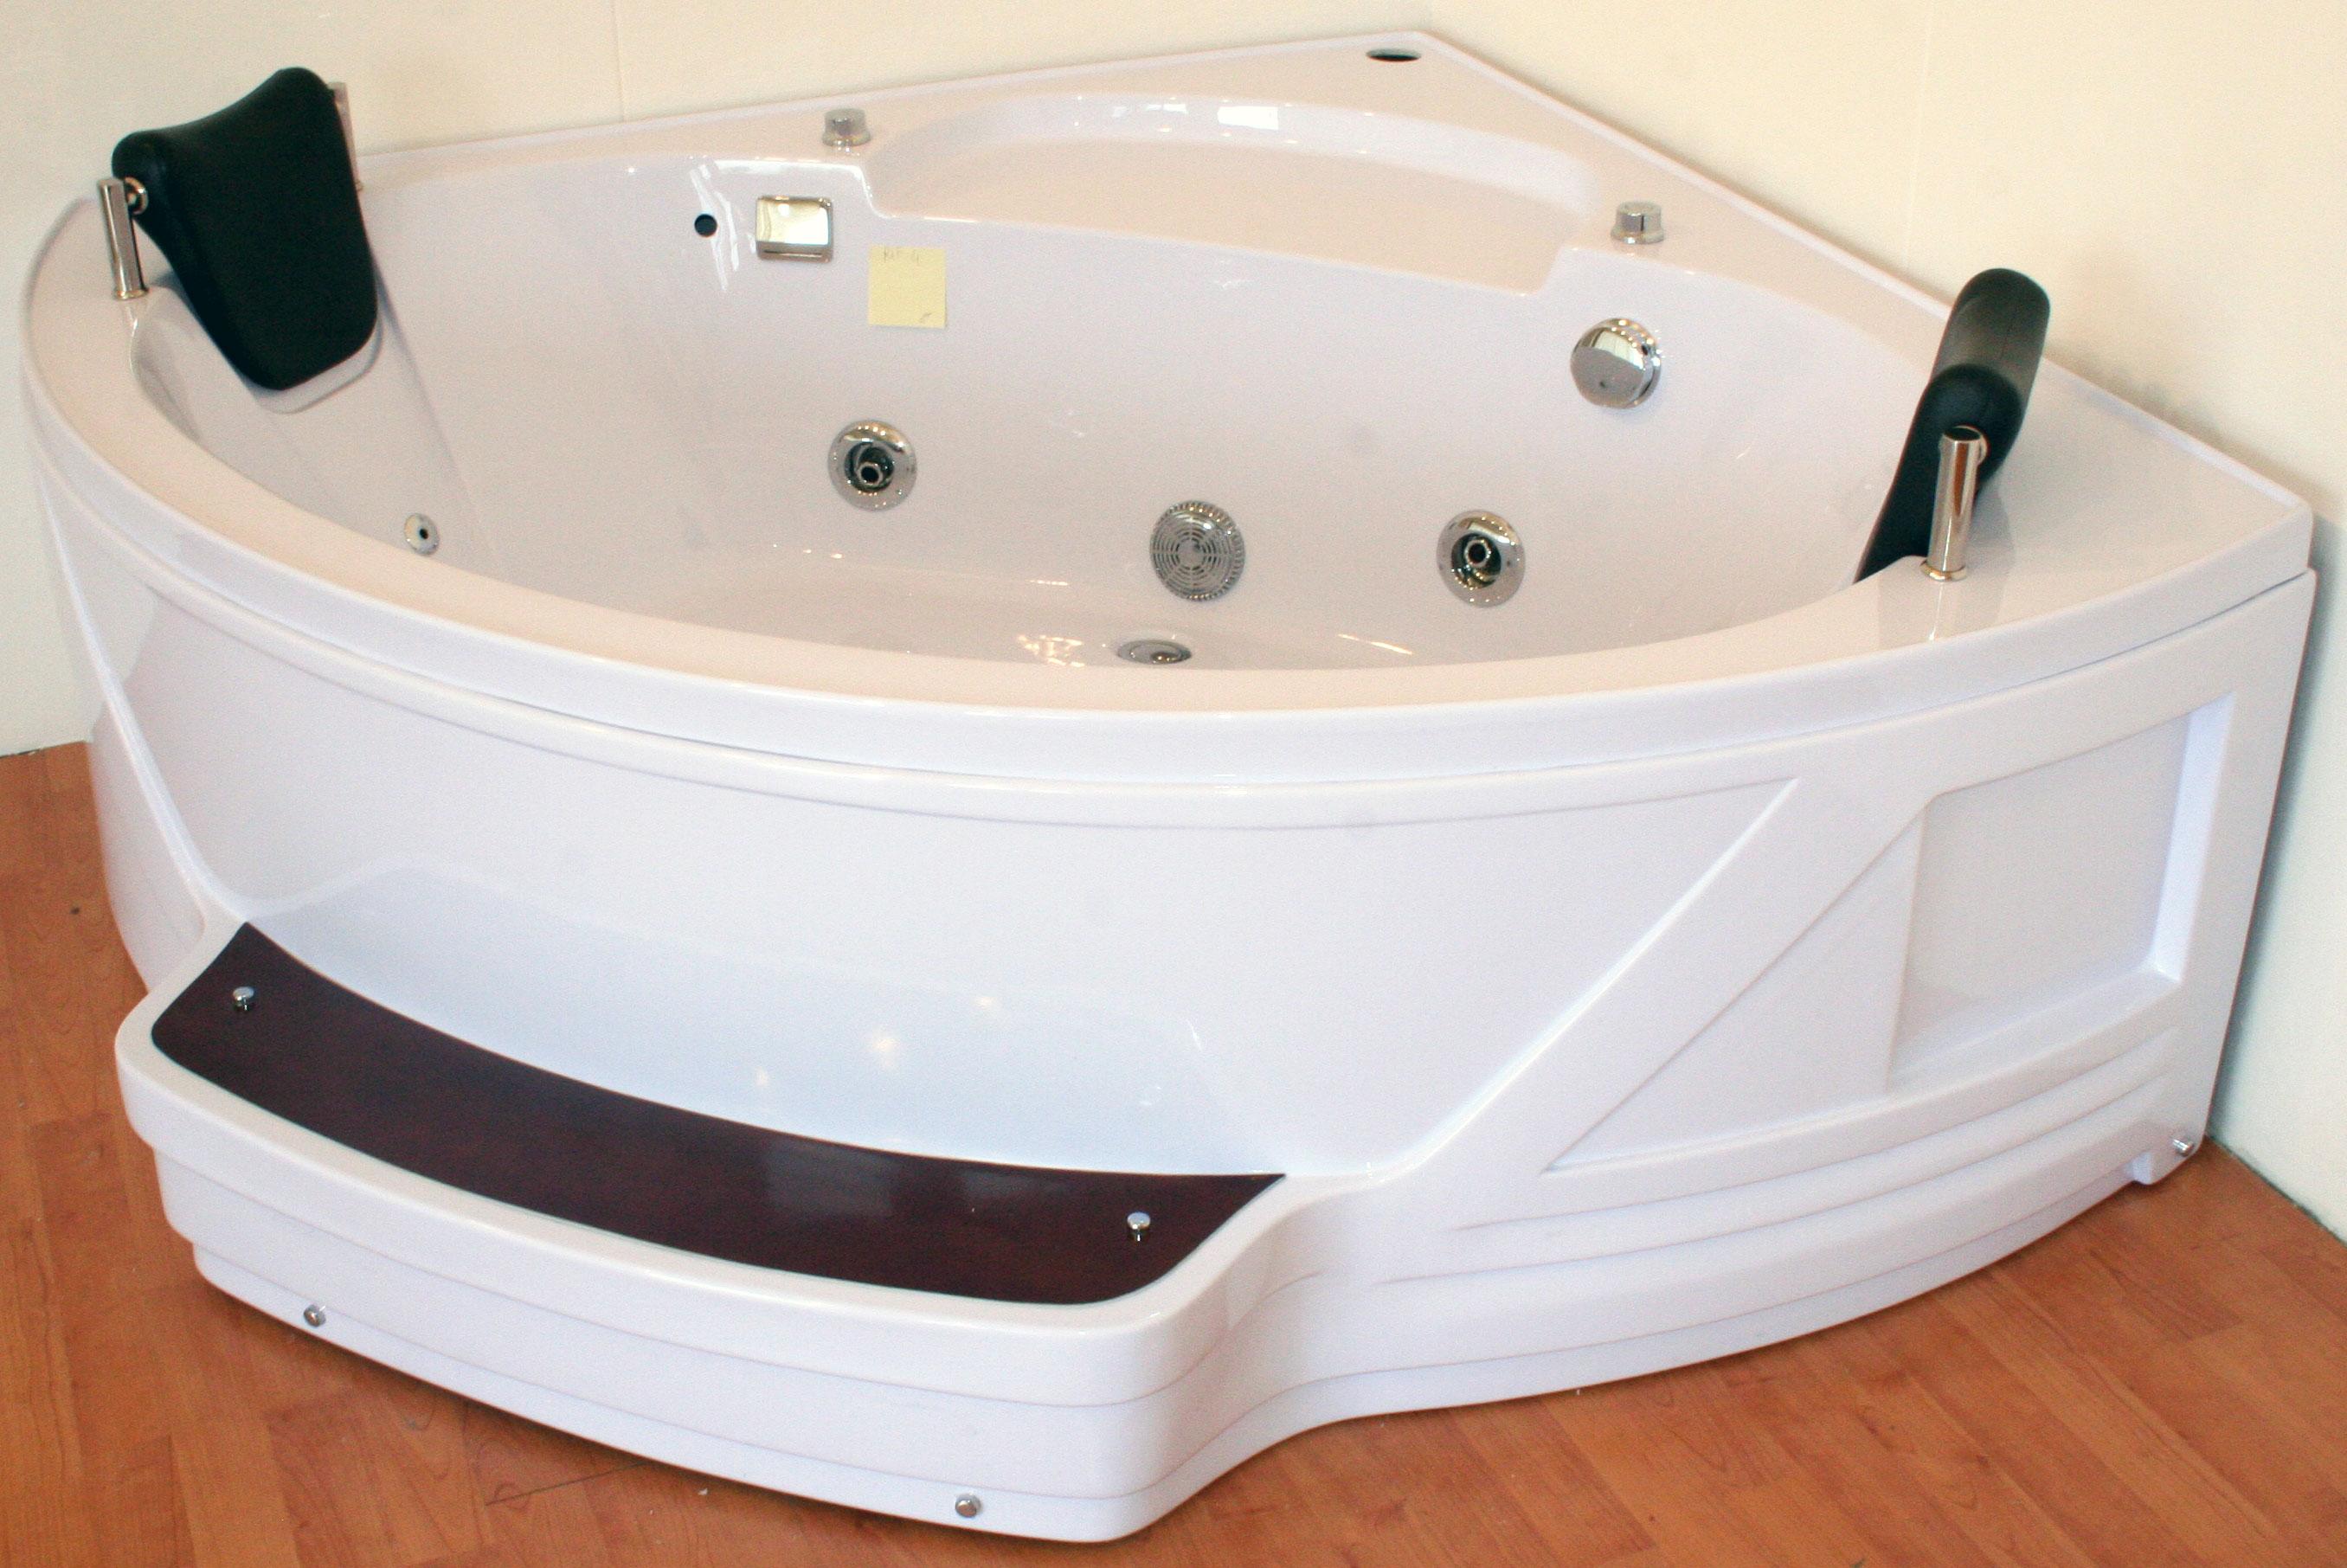 Vasche Da Bagno Per Anziani Busco : Vasche da bagno per anziani ...